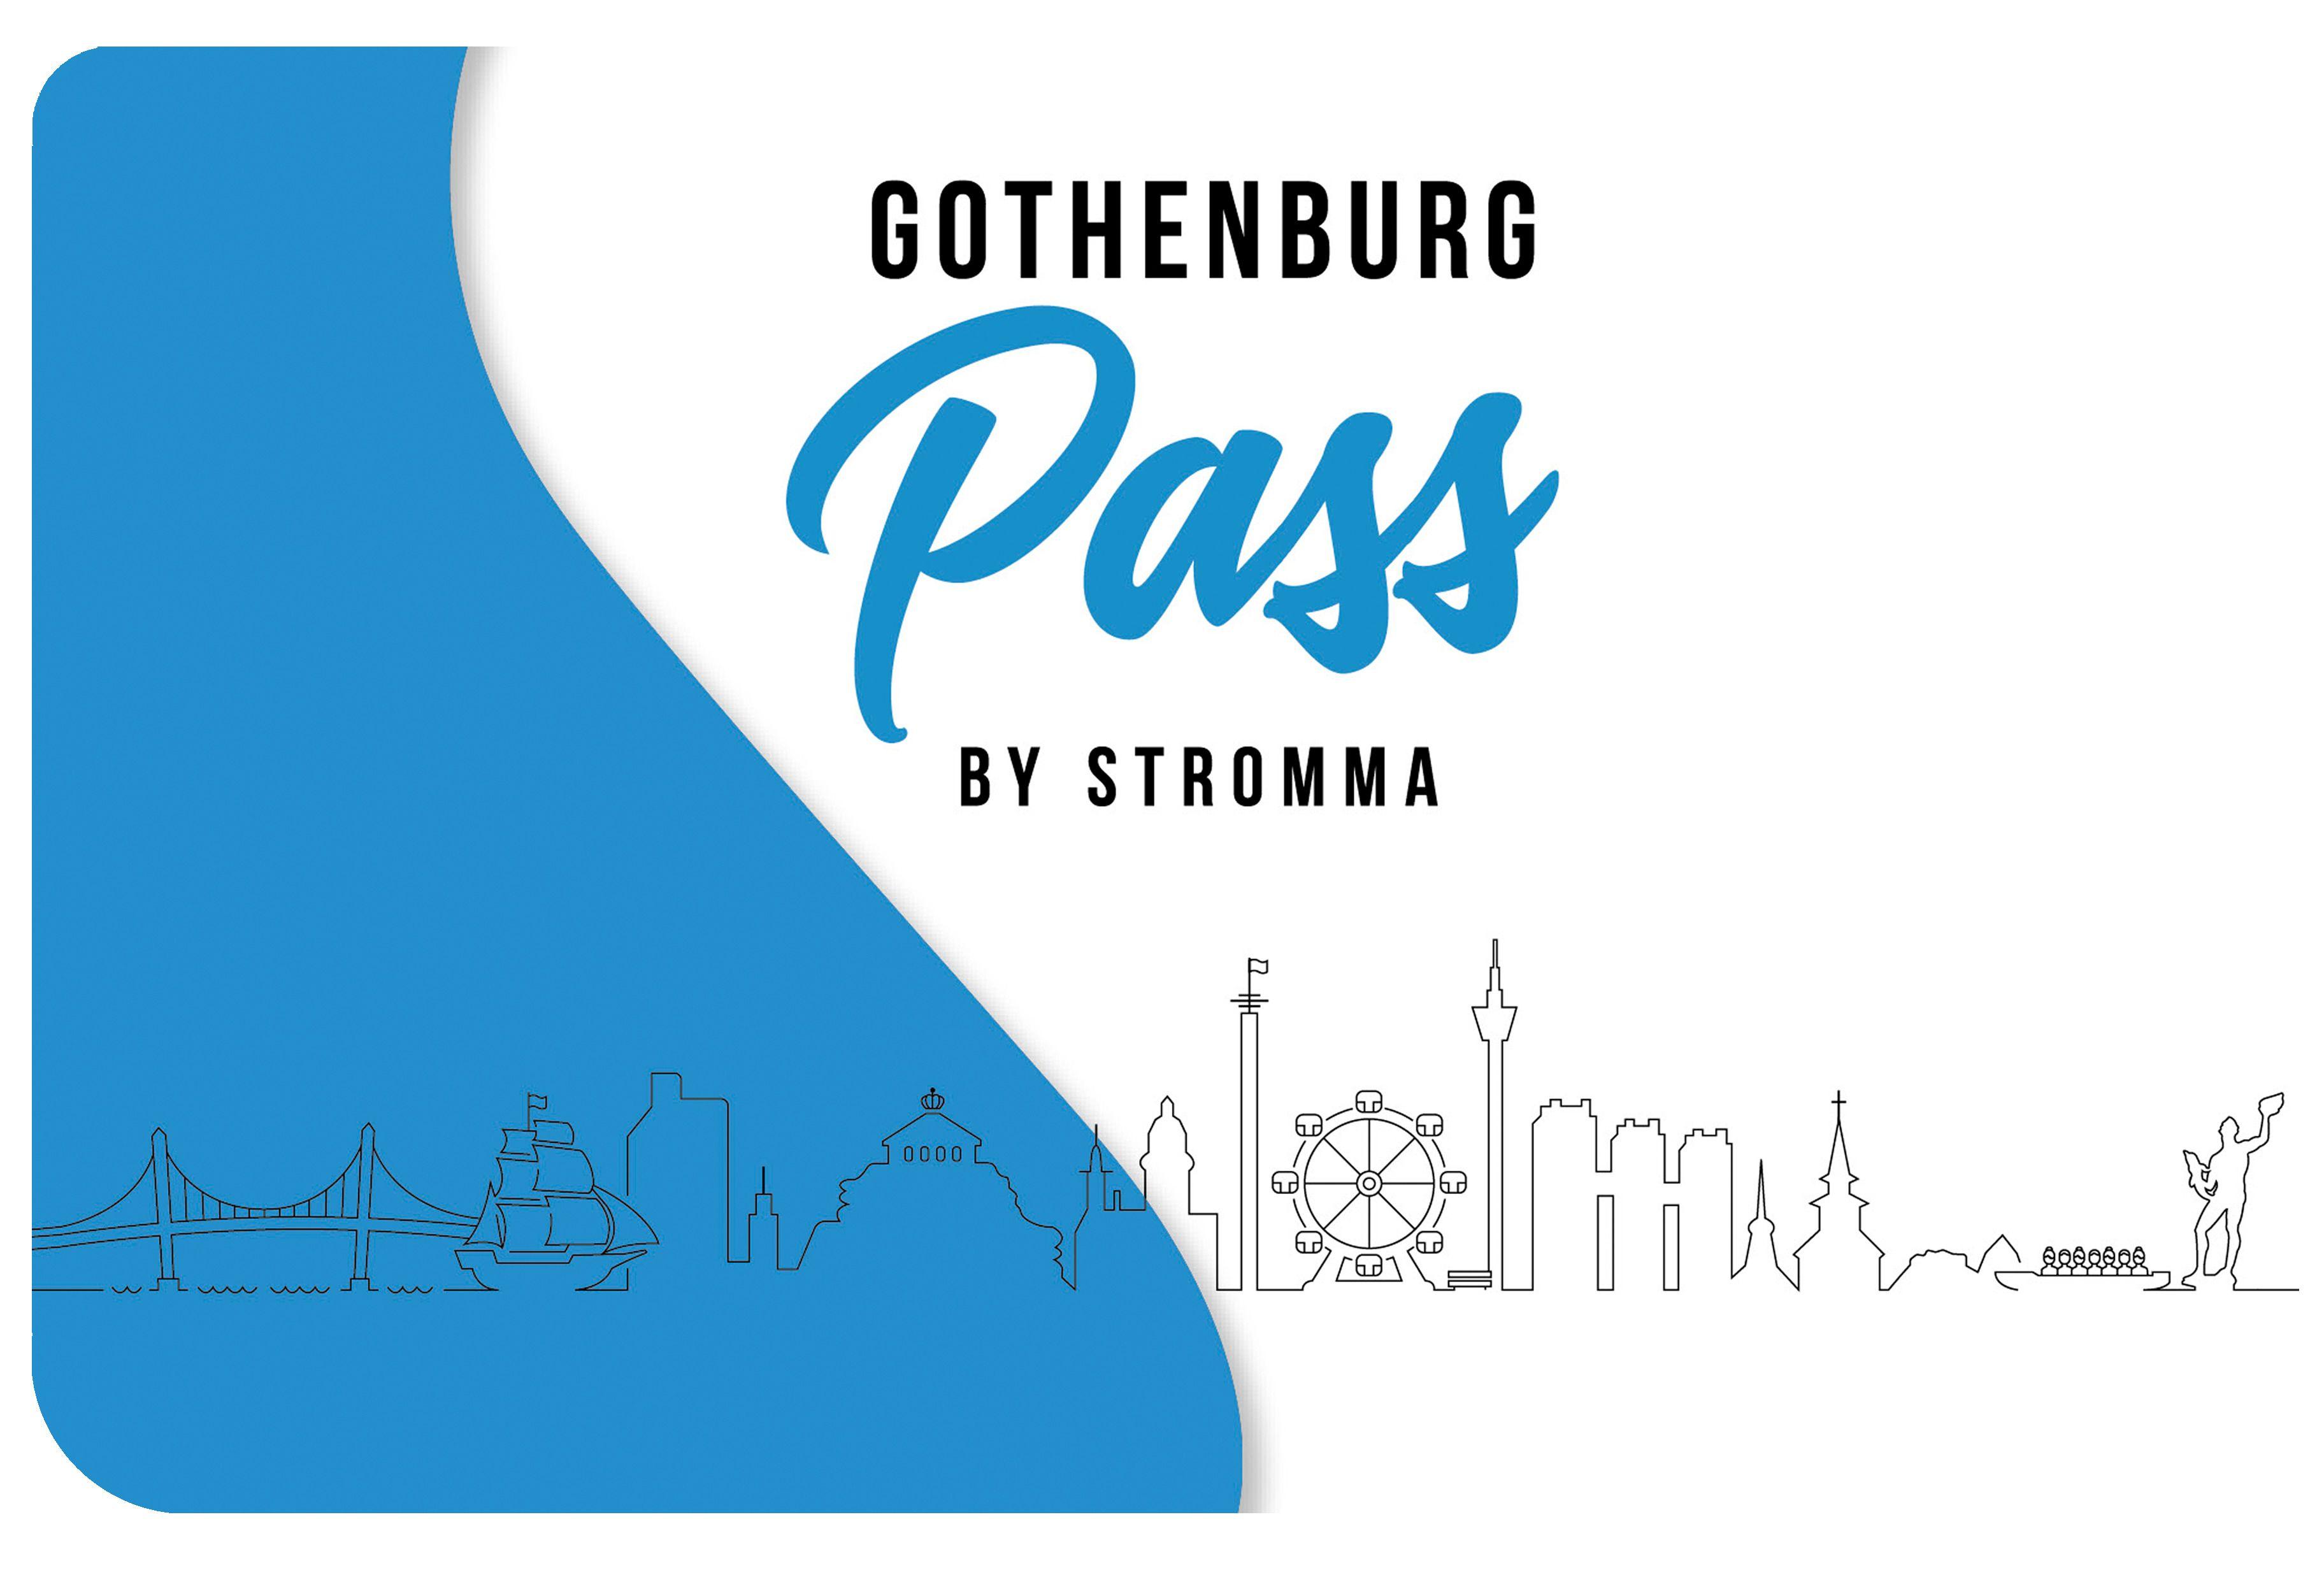 Göteborg-pass